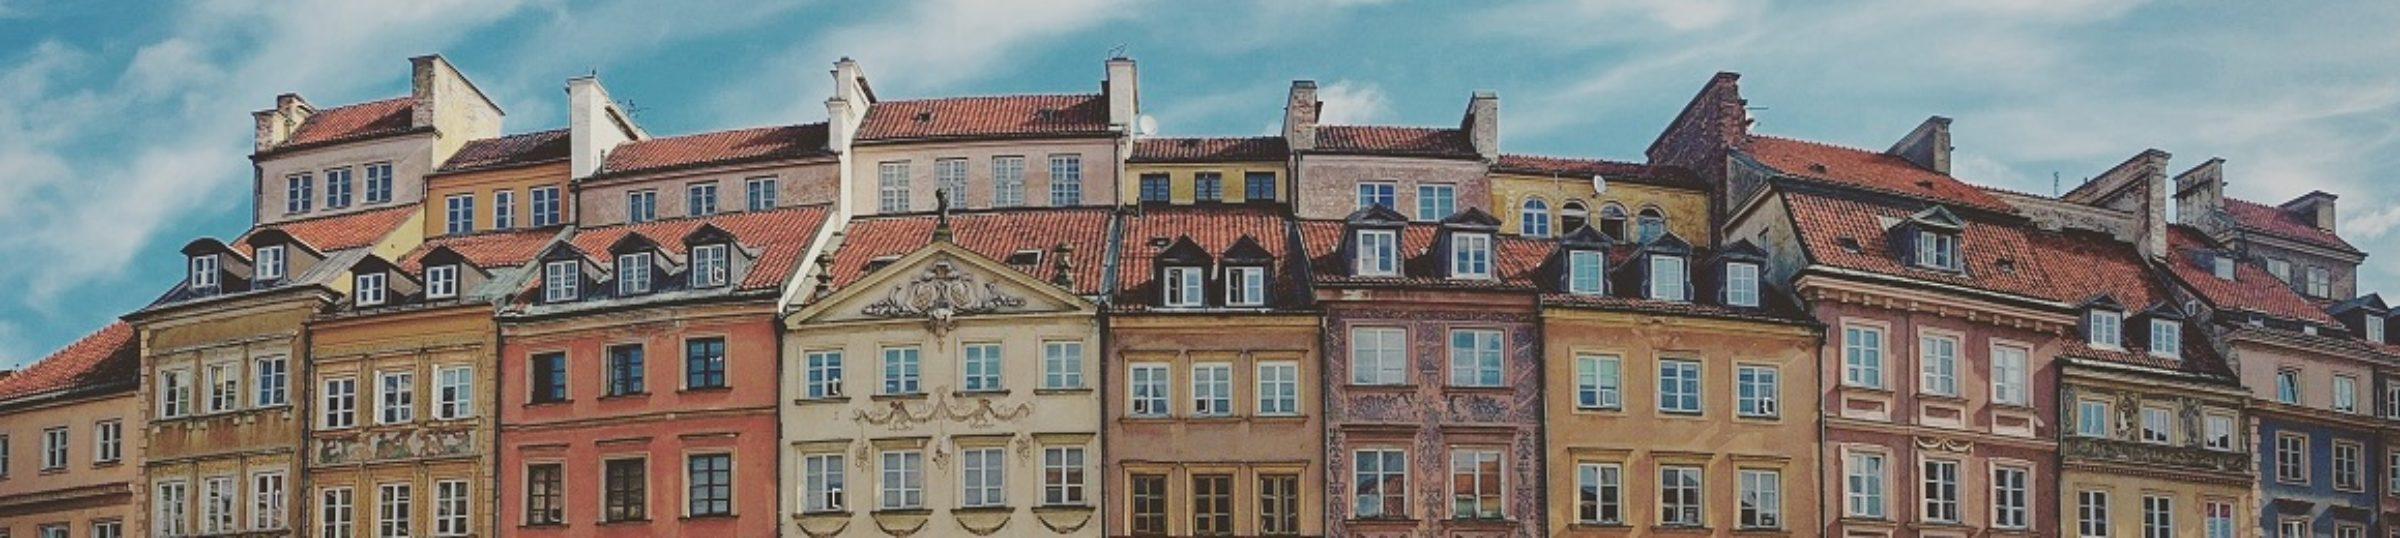 Full Size of Fensterwelten Polnische Fenster 24 Polnischefenster Erfahrungen Polen Fensterbauer Firma Suche Fensterhersteller Kaufen Mit Einbau Neue Aus Polende Weru Alte Fenster Polnische Fenster